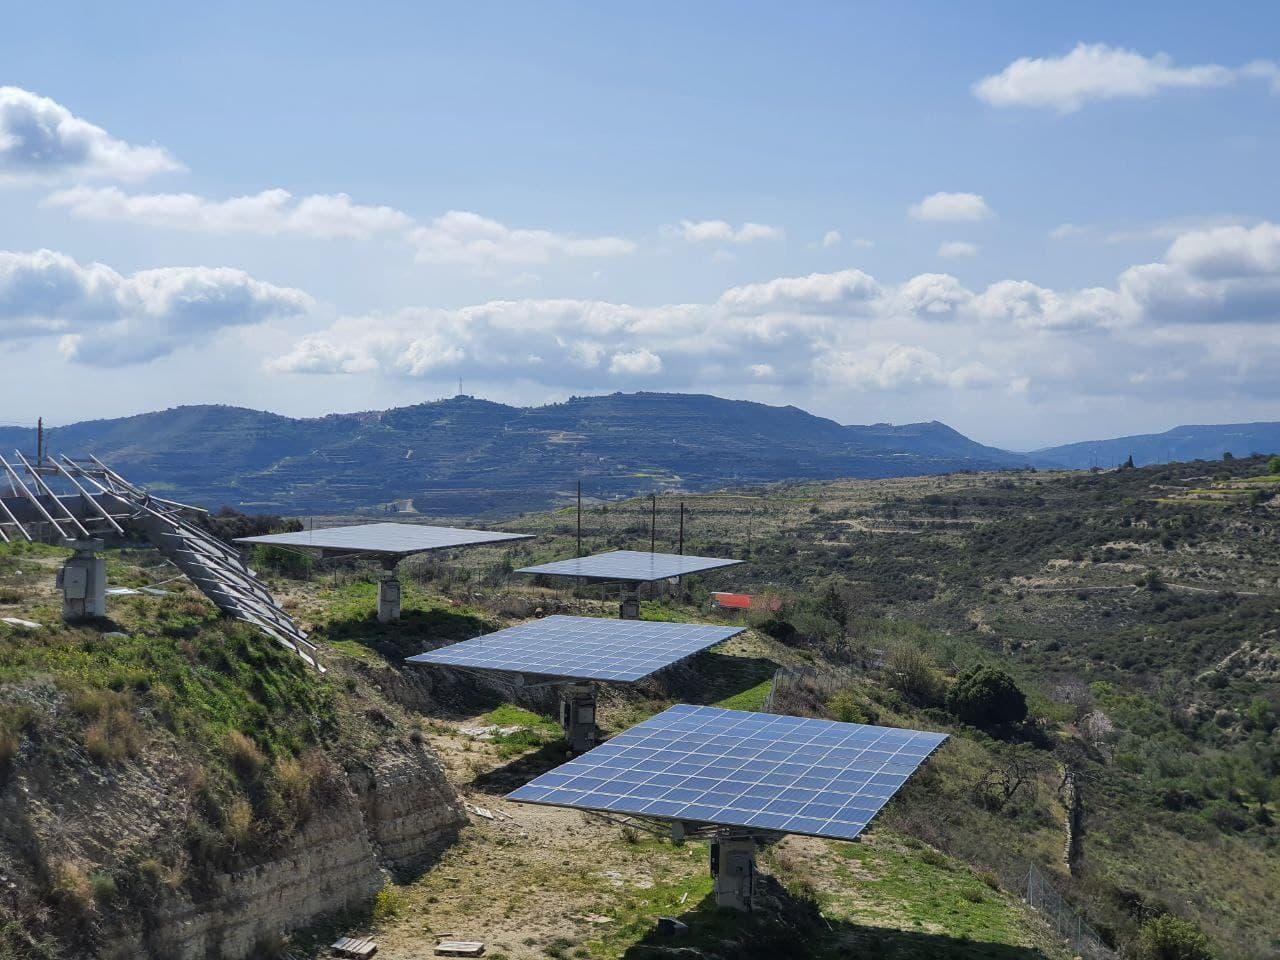 Департамент городского планирования отклонил заявку на строительство крупного фотоэлектрического парка в районе Лимассола